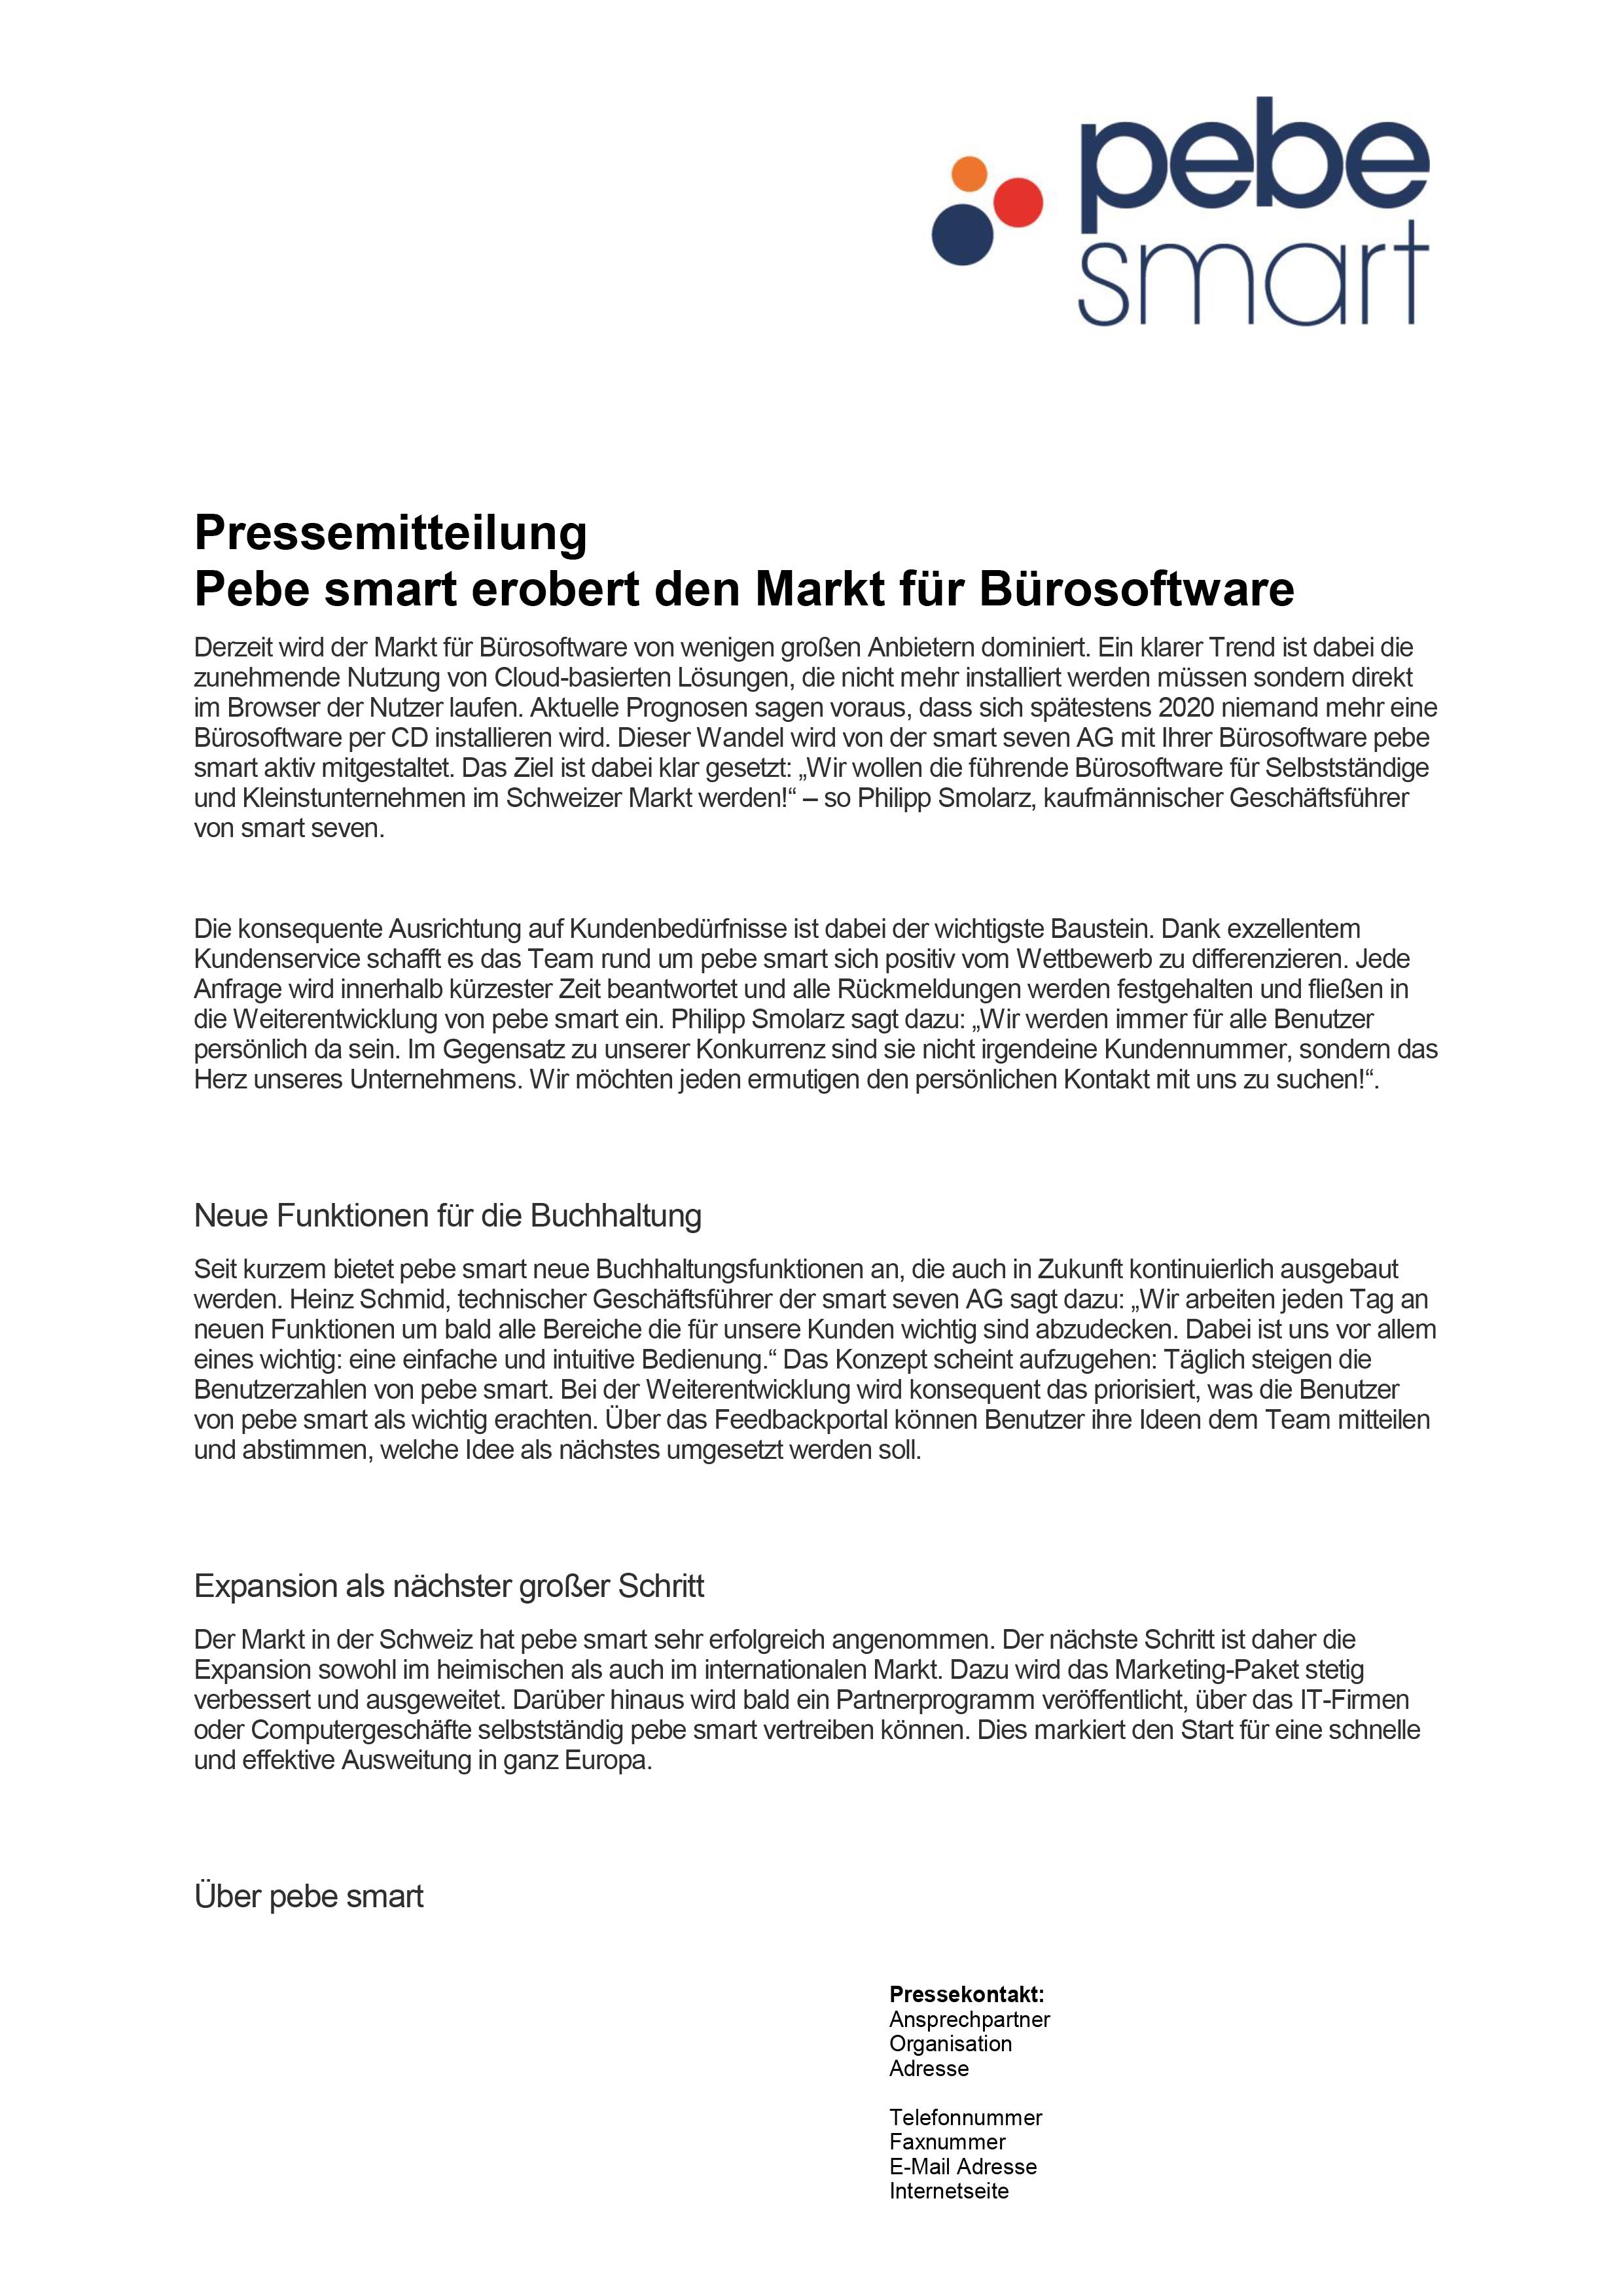 Pressemitteilung Vorlage Schweiz | Kostenlos bei pebe smart